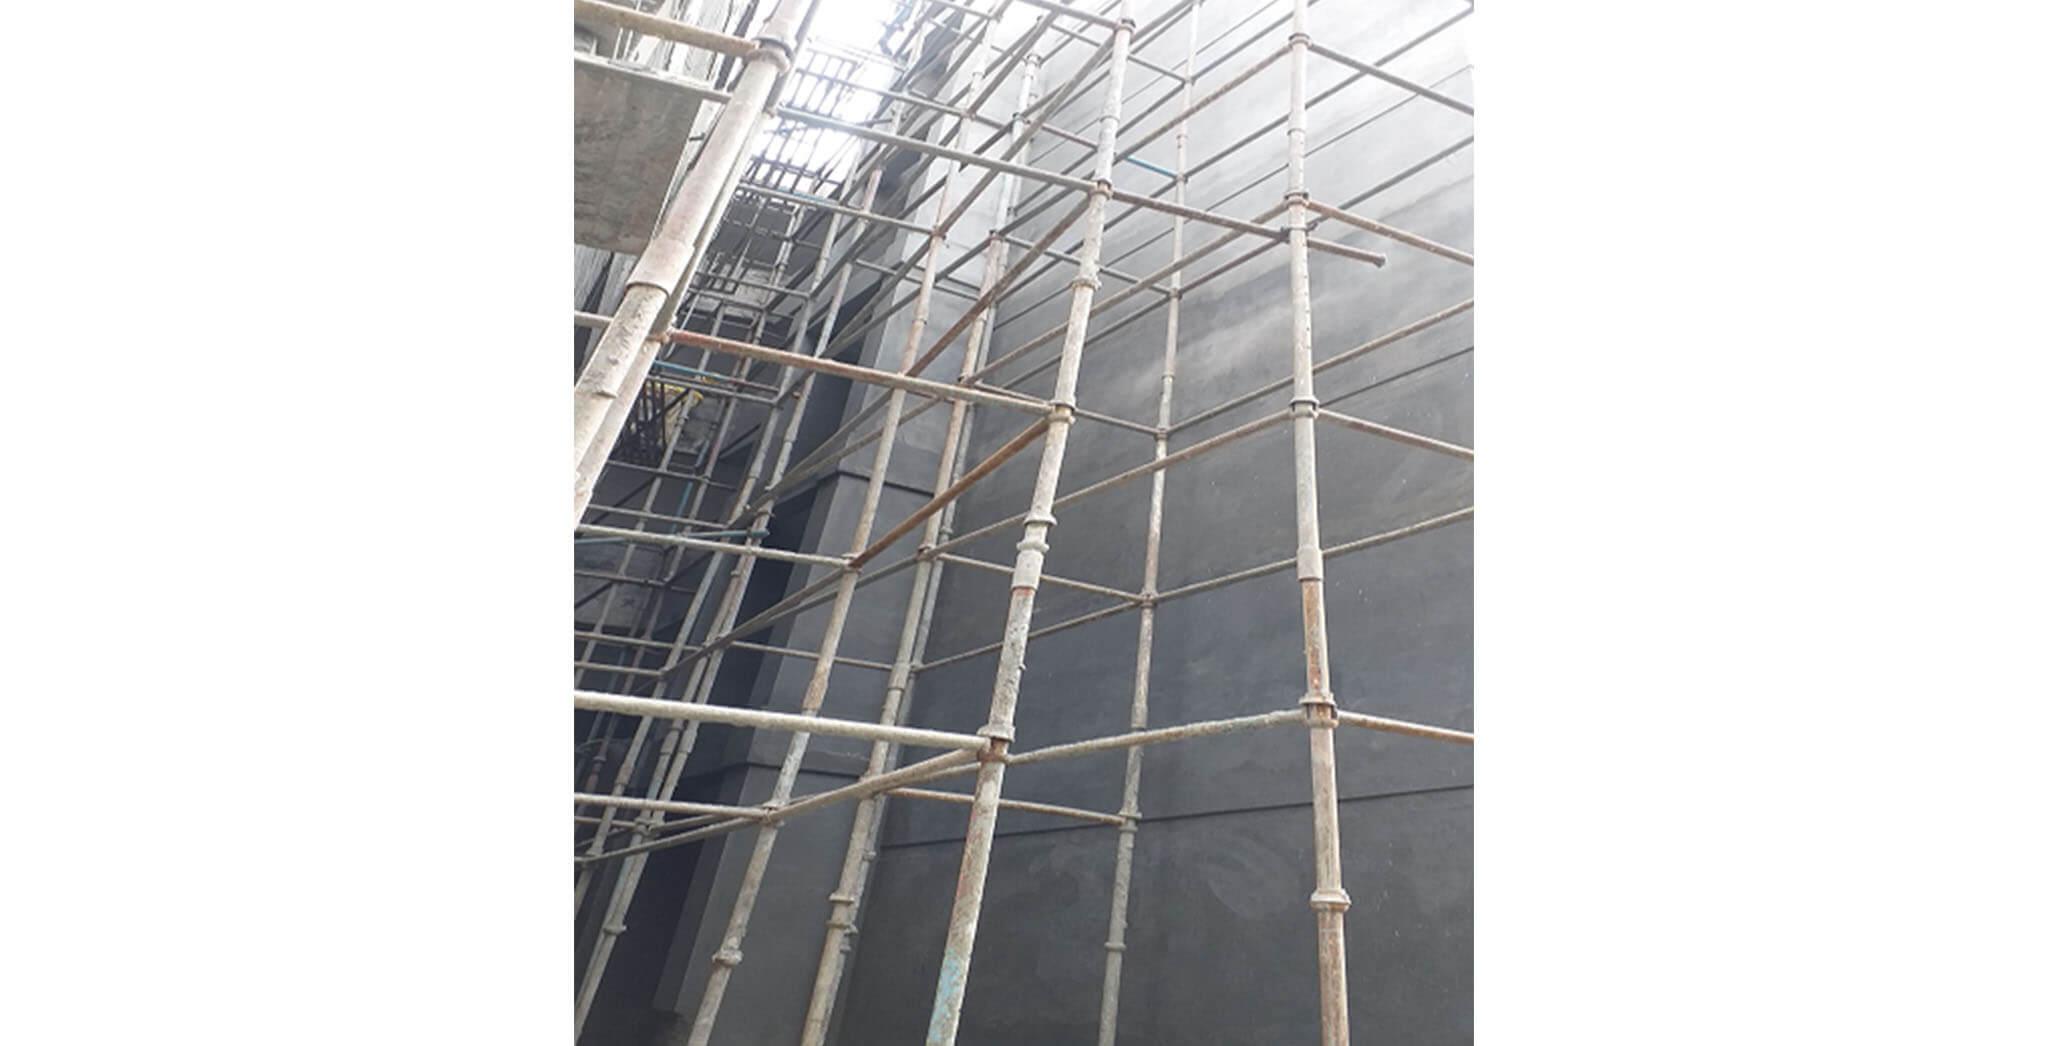 Oct 2020 - West side view: L Block—West side external plastering work-in-progress